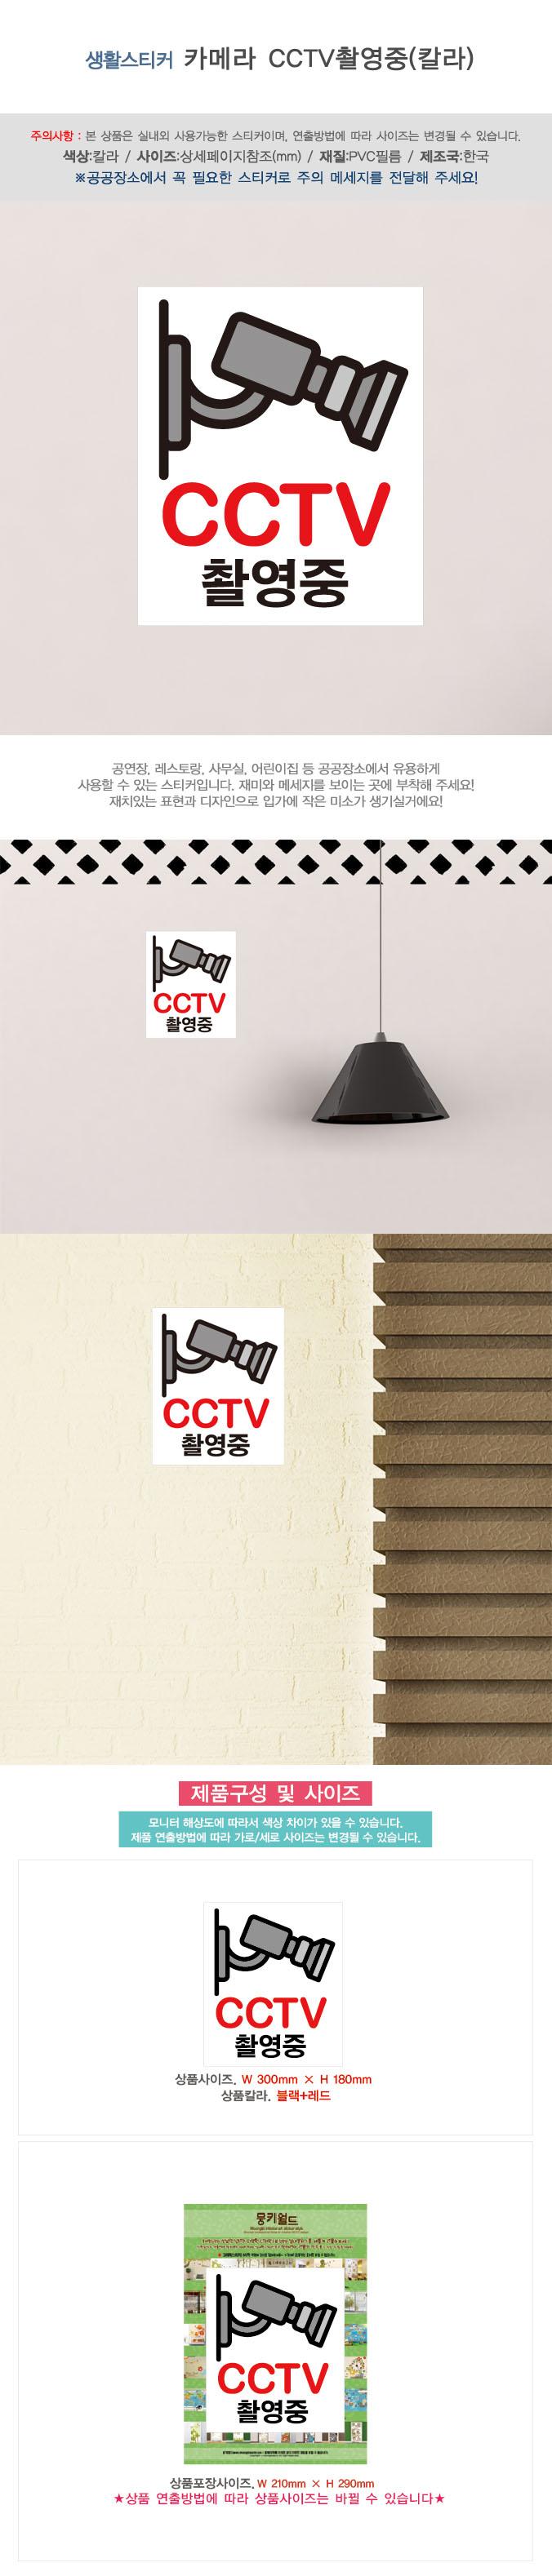 생활스티커_카메라 CCTV촬영중(칼라) - 뭉키, 4,240원, 벽시/시트지, 디자인 시트지